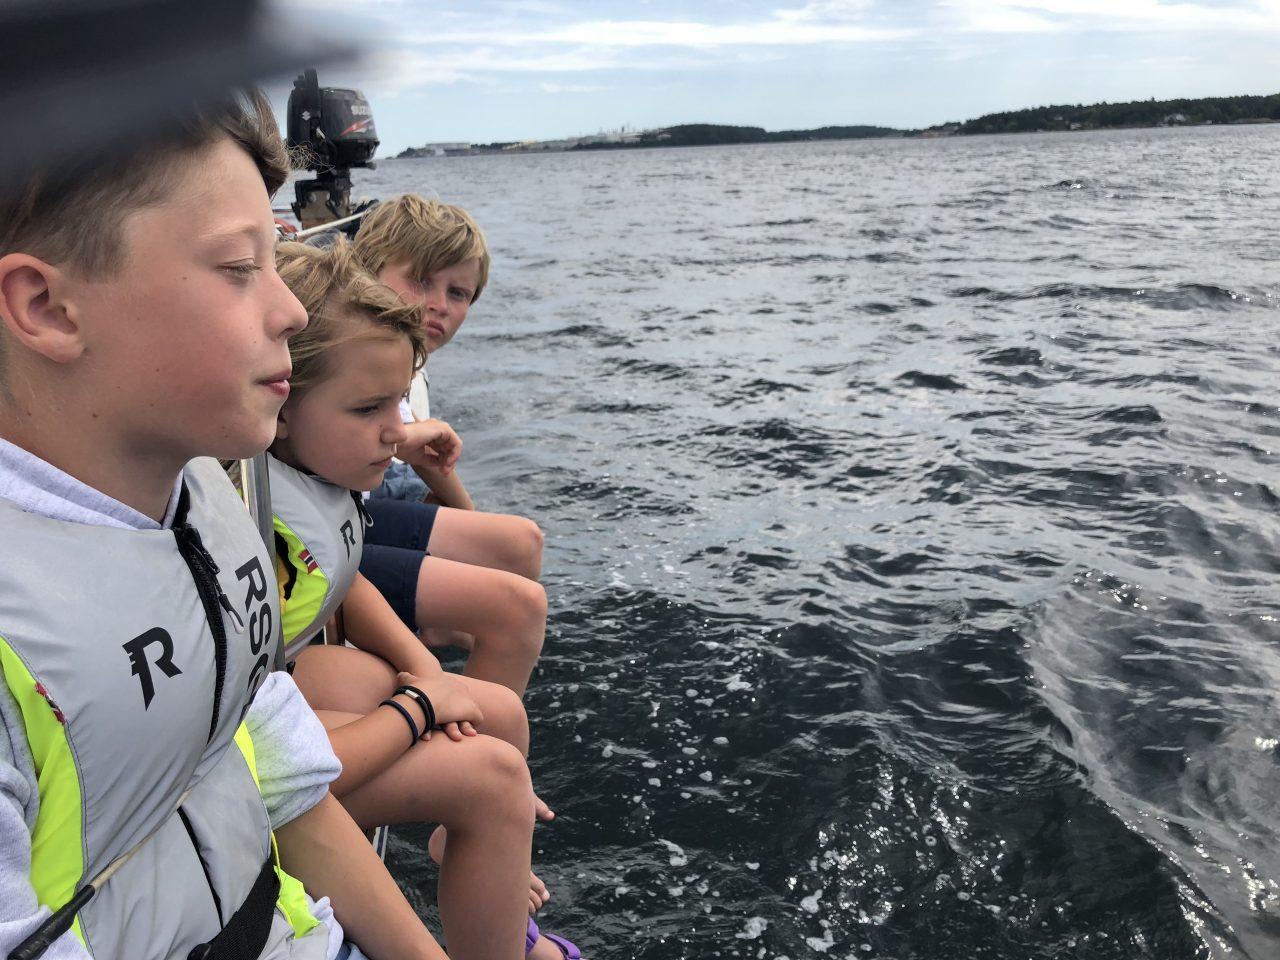 Gutter sitter på kanten av en båt